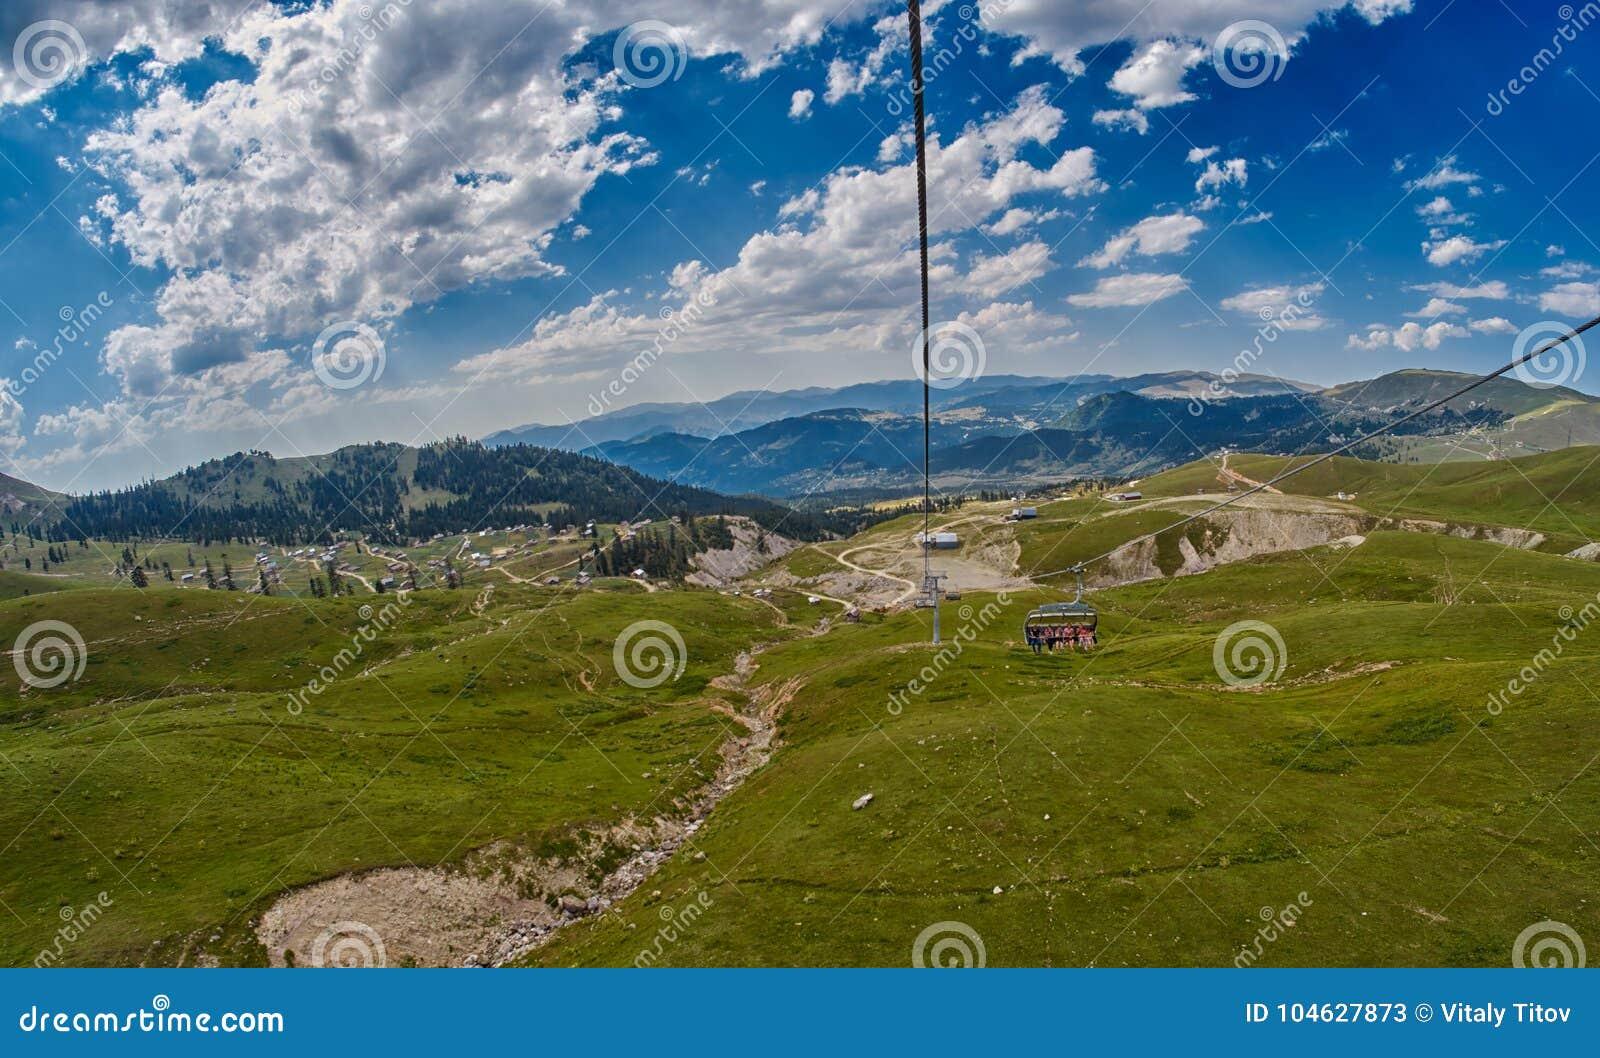 Download Bergropeway in Georgië stock afbeelding. Afbeelding bestaande uit extreem - 104627873